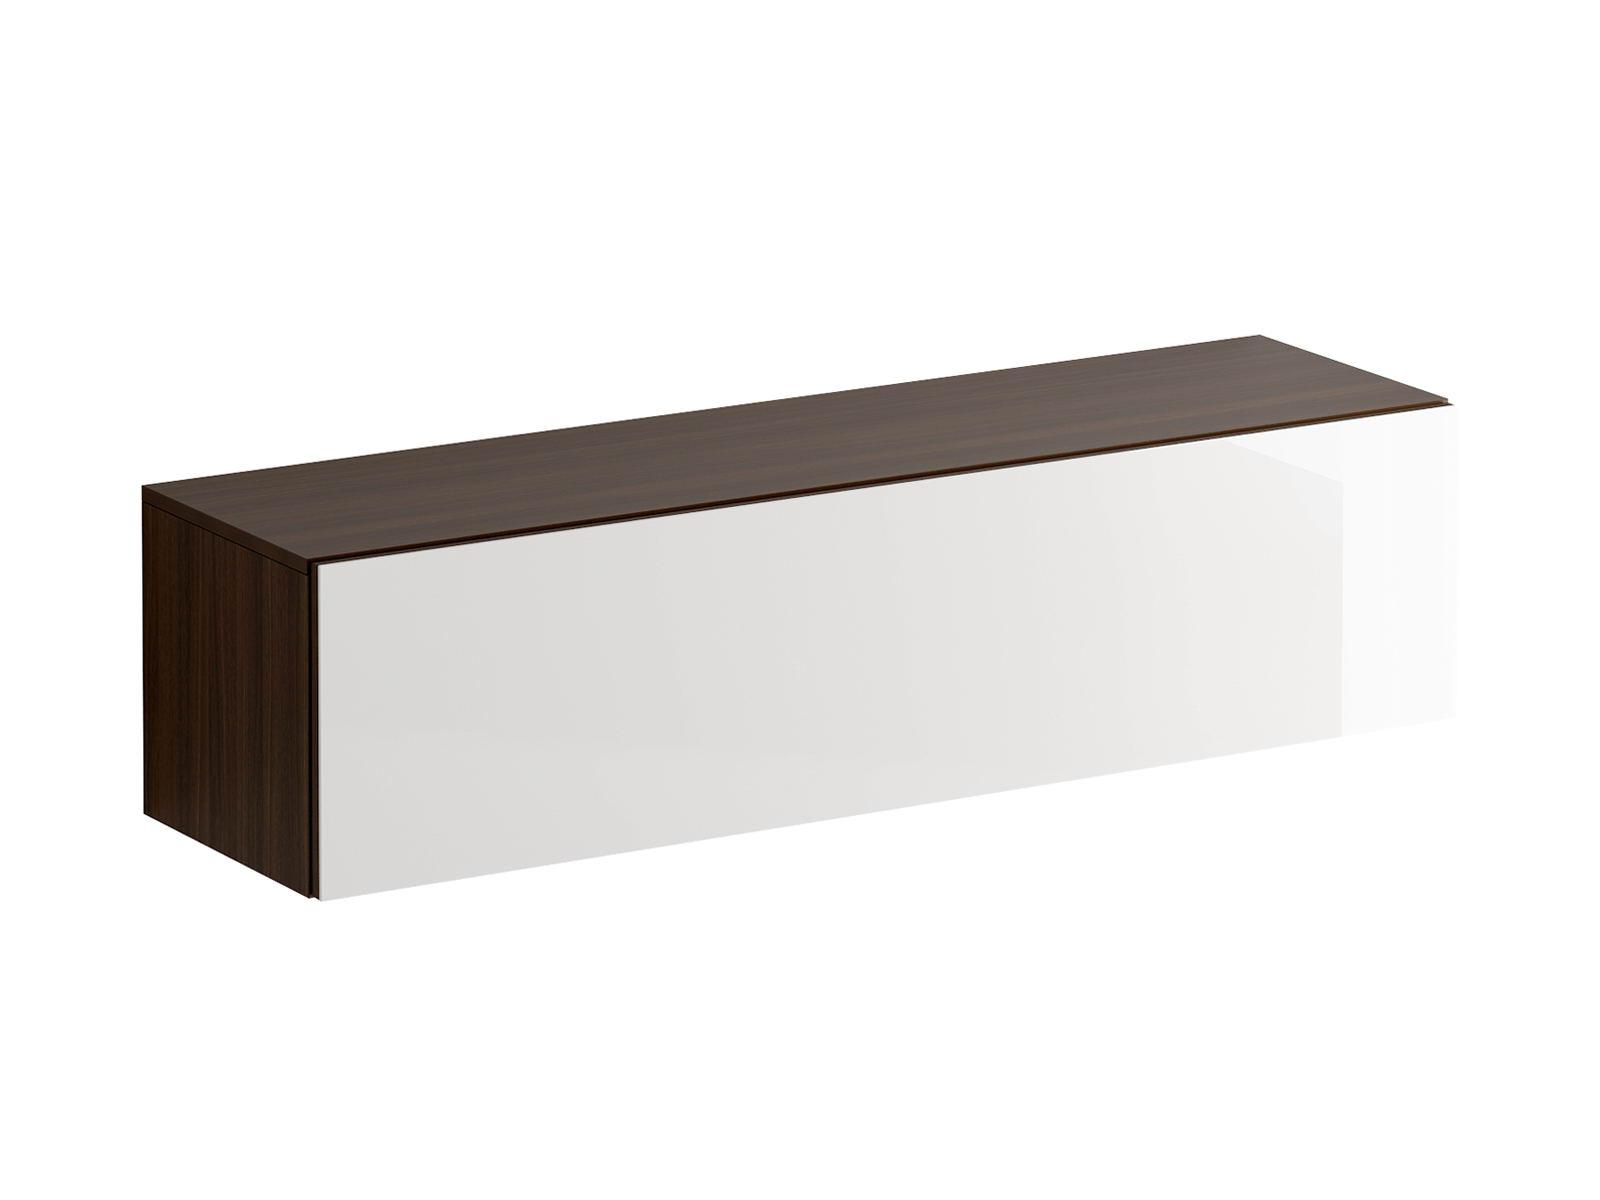 Шкаф навесной GustoШкафы<br>Шкаф имеет два отделения, образованные вертикальной перегородкой. Подъемная дверь открывается по принципу «нажал-открыл». Задняя стенка черного цвета.<br>